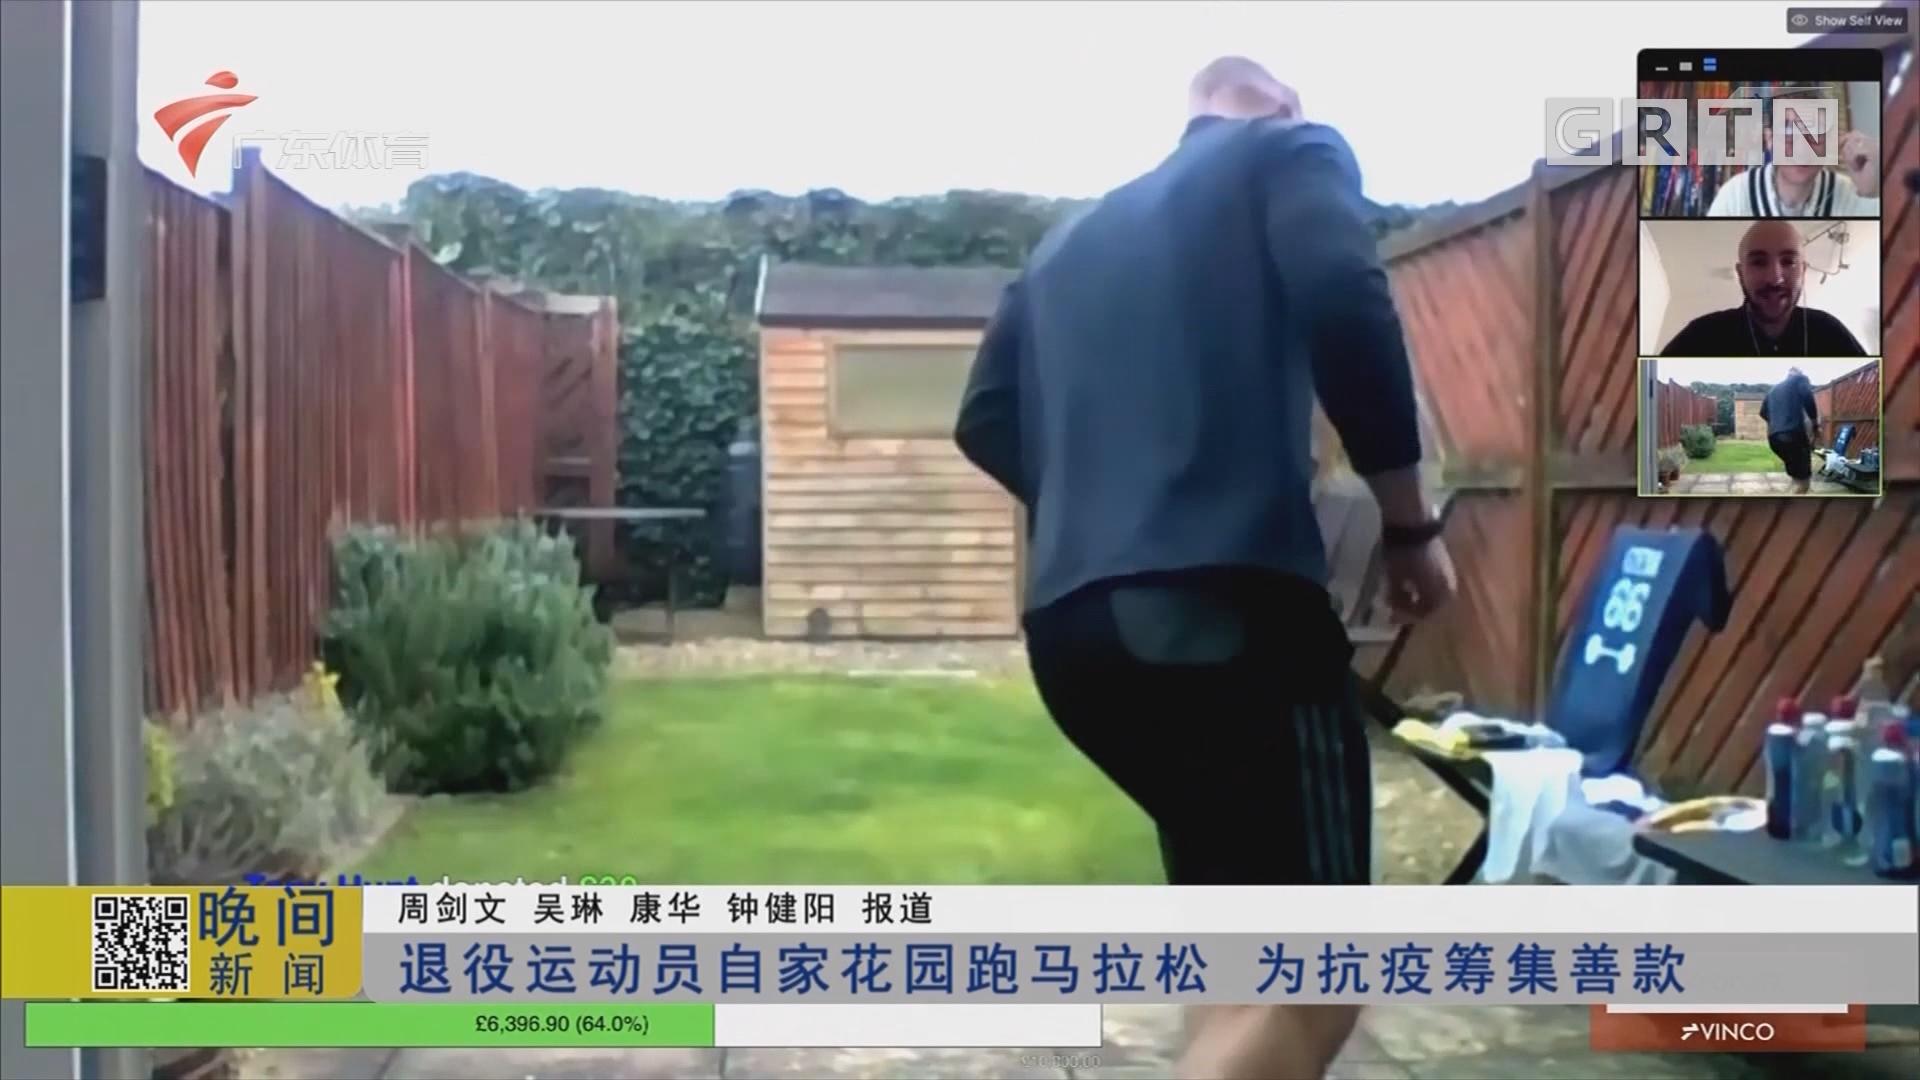 退役运动员自家花园跑马拉松 为抗疫筹集善款